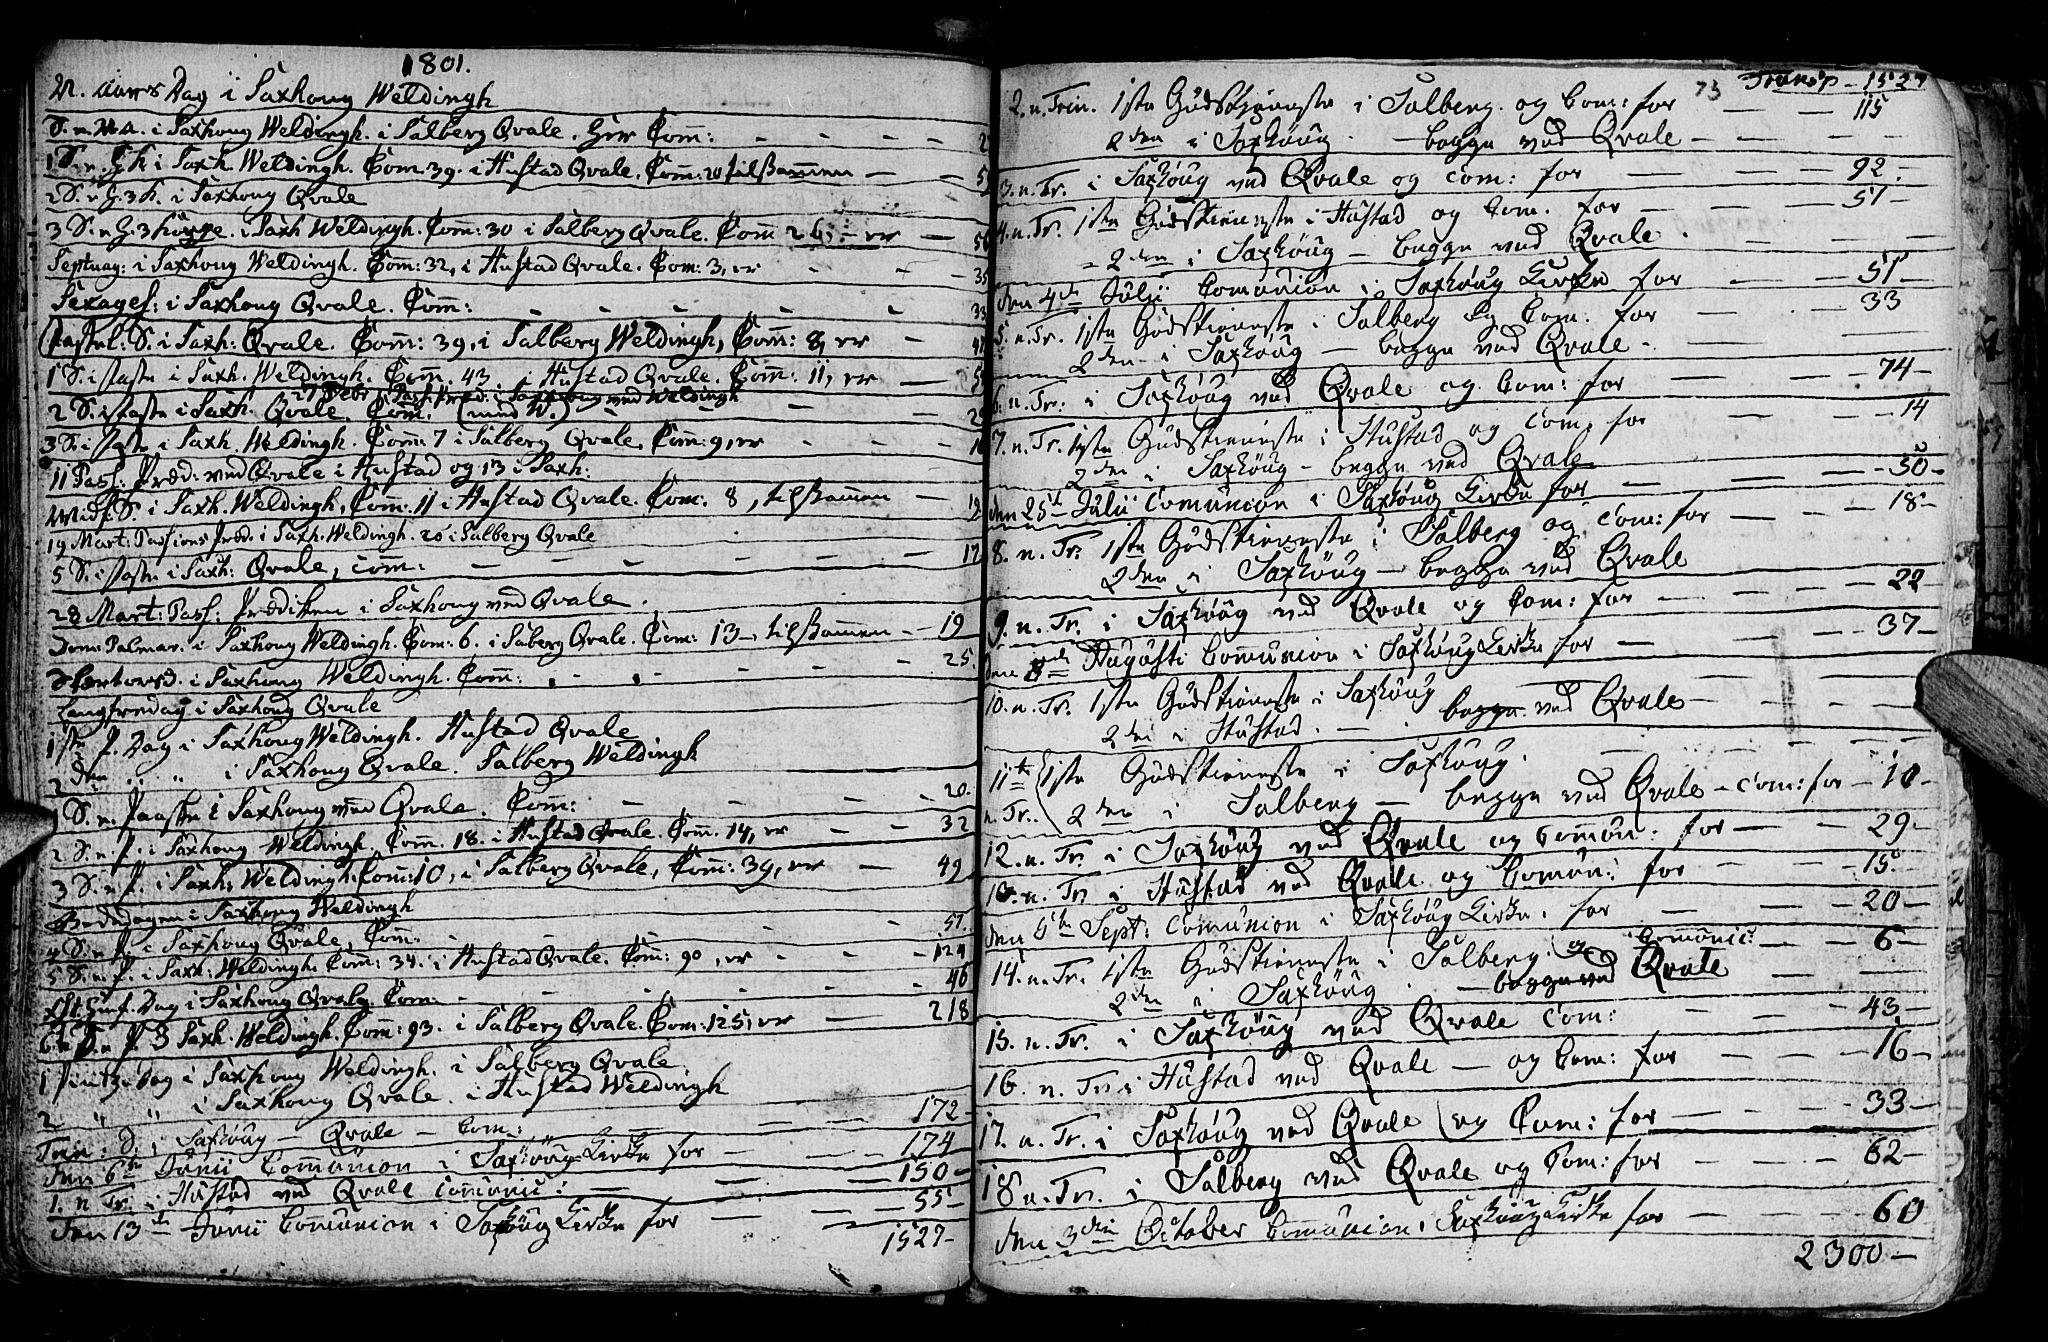 SAT, Ministerialprotokoller, klokkerbøker og fødselsregistre - Nord-Trøndelag, 730/L0273: Ministerialbok nr. 730A02, 1762-1802, s. 73